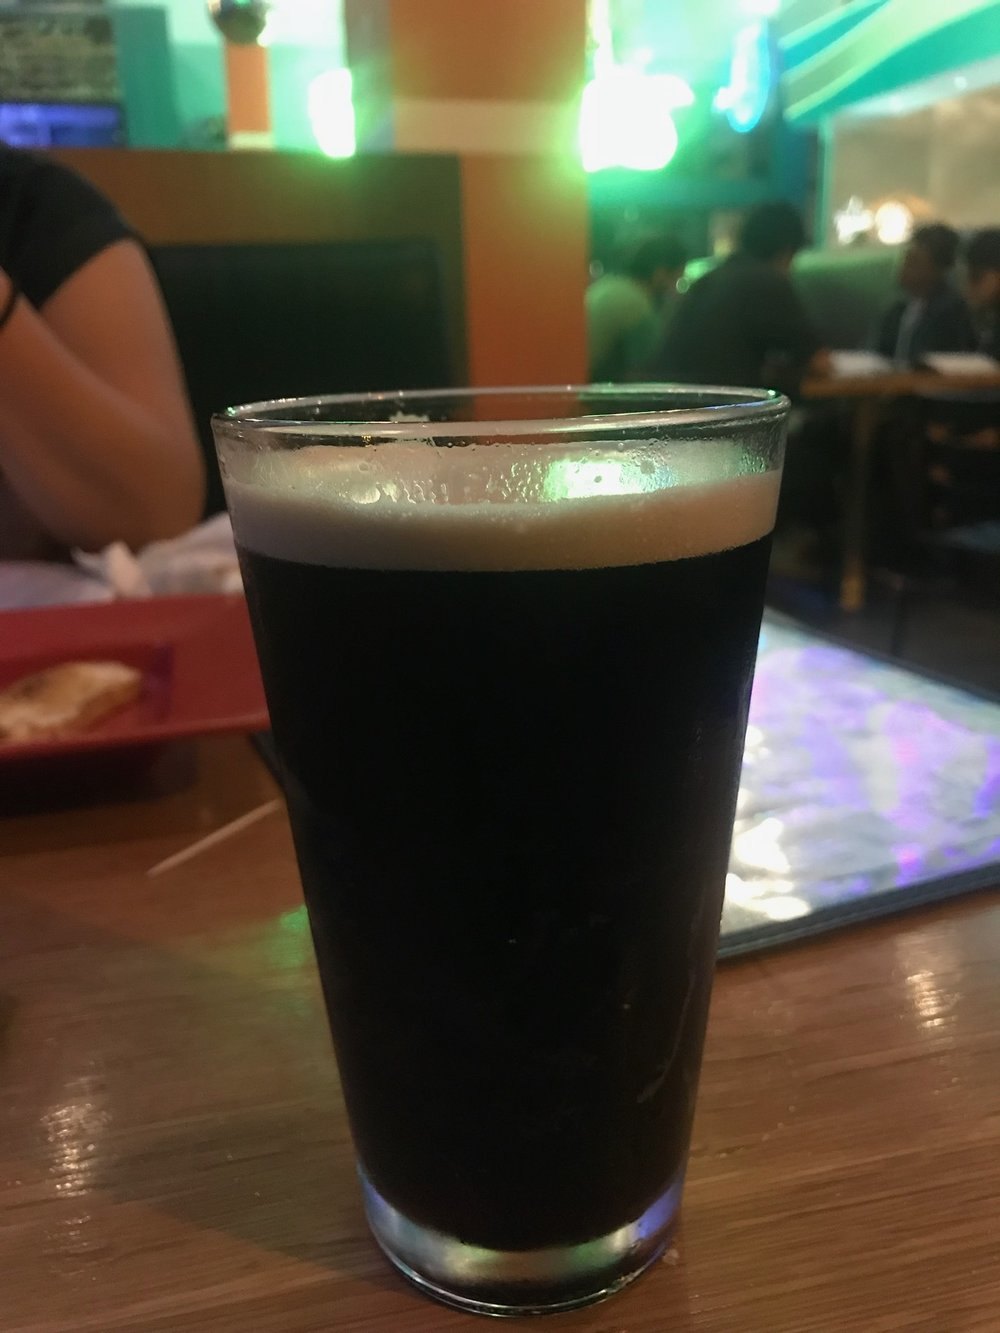 Kenny's sub-par Guinness at Mellow Mushroom.